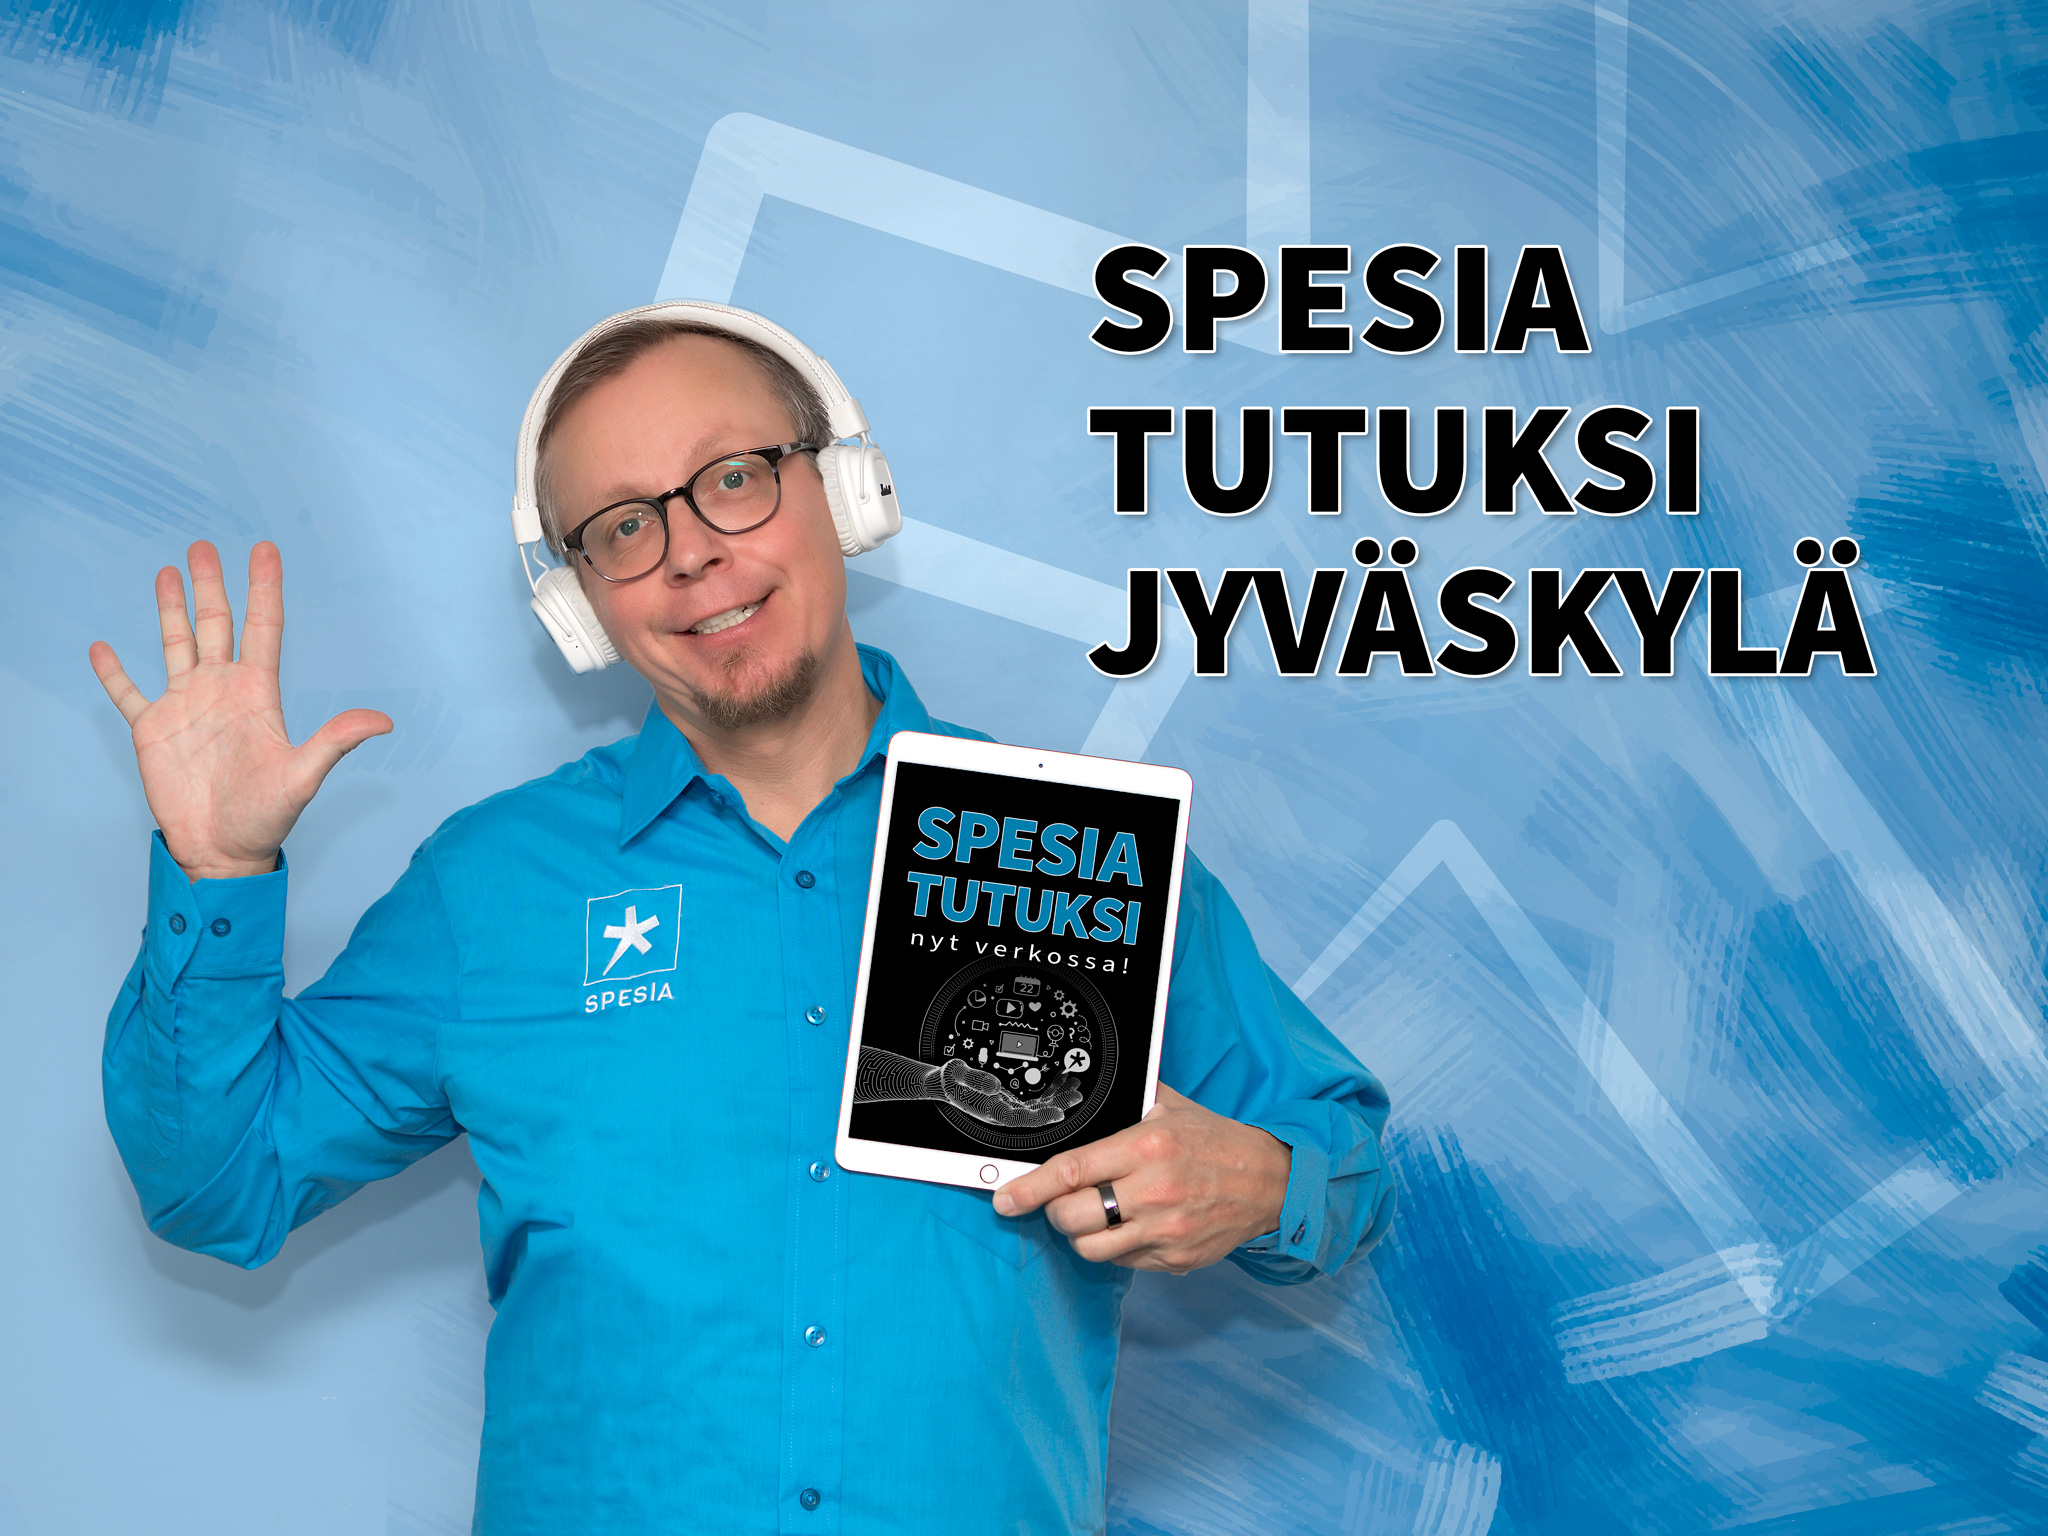 Spesia tutuksi Jyväskylä